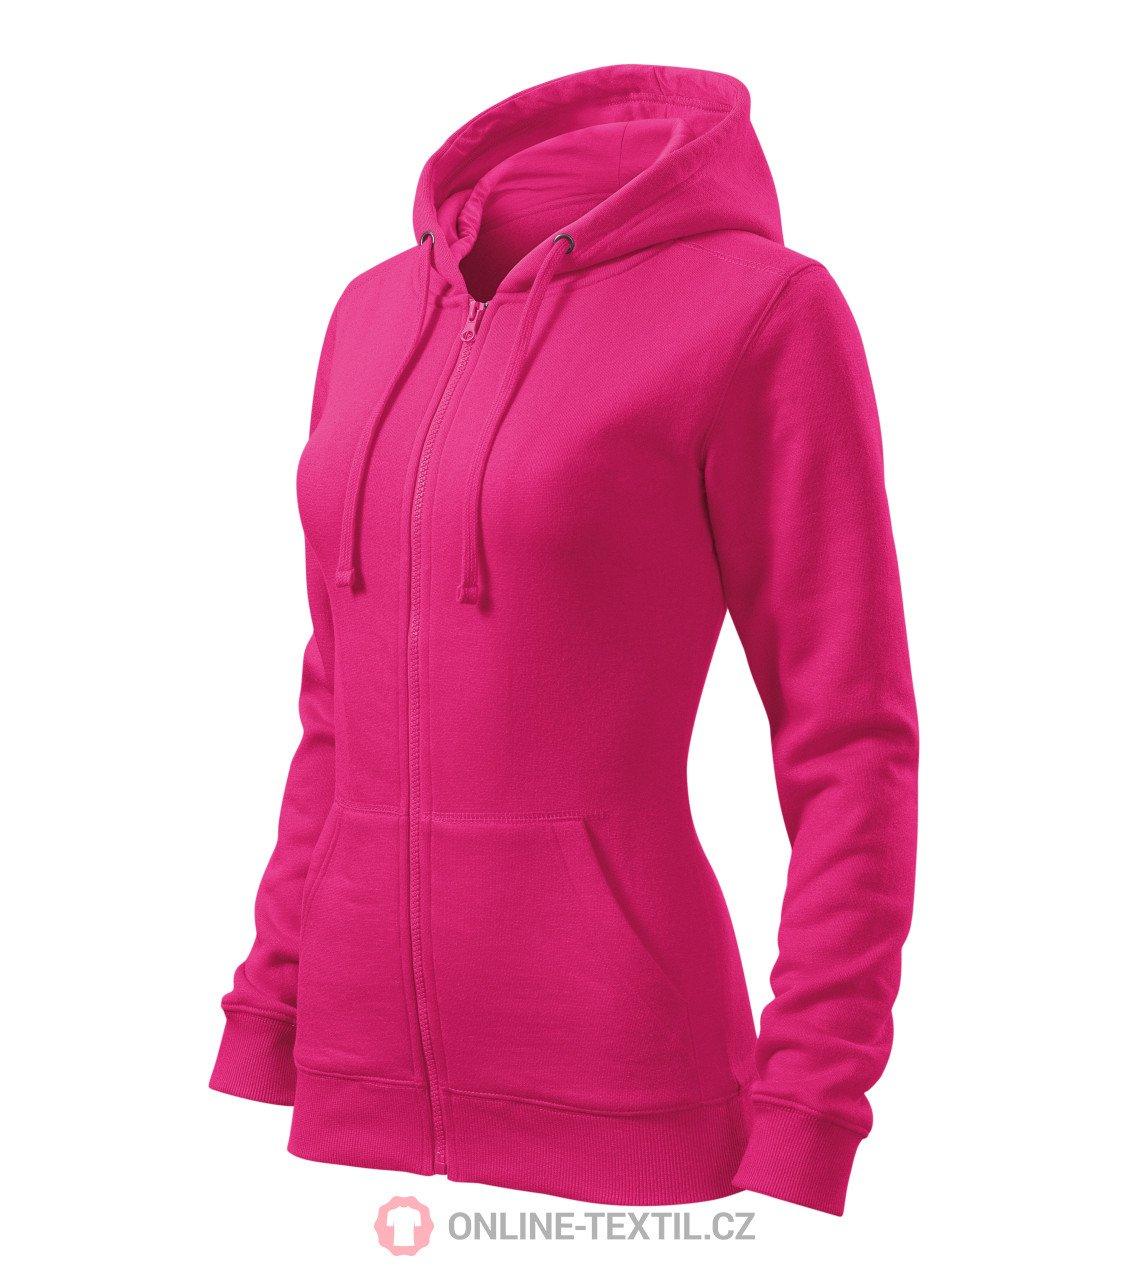 ADLER CZECH Dámská mikina Trendy Zipper s kapucí 411 - purpurová z ... 486054638e0